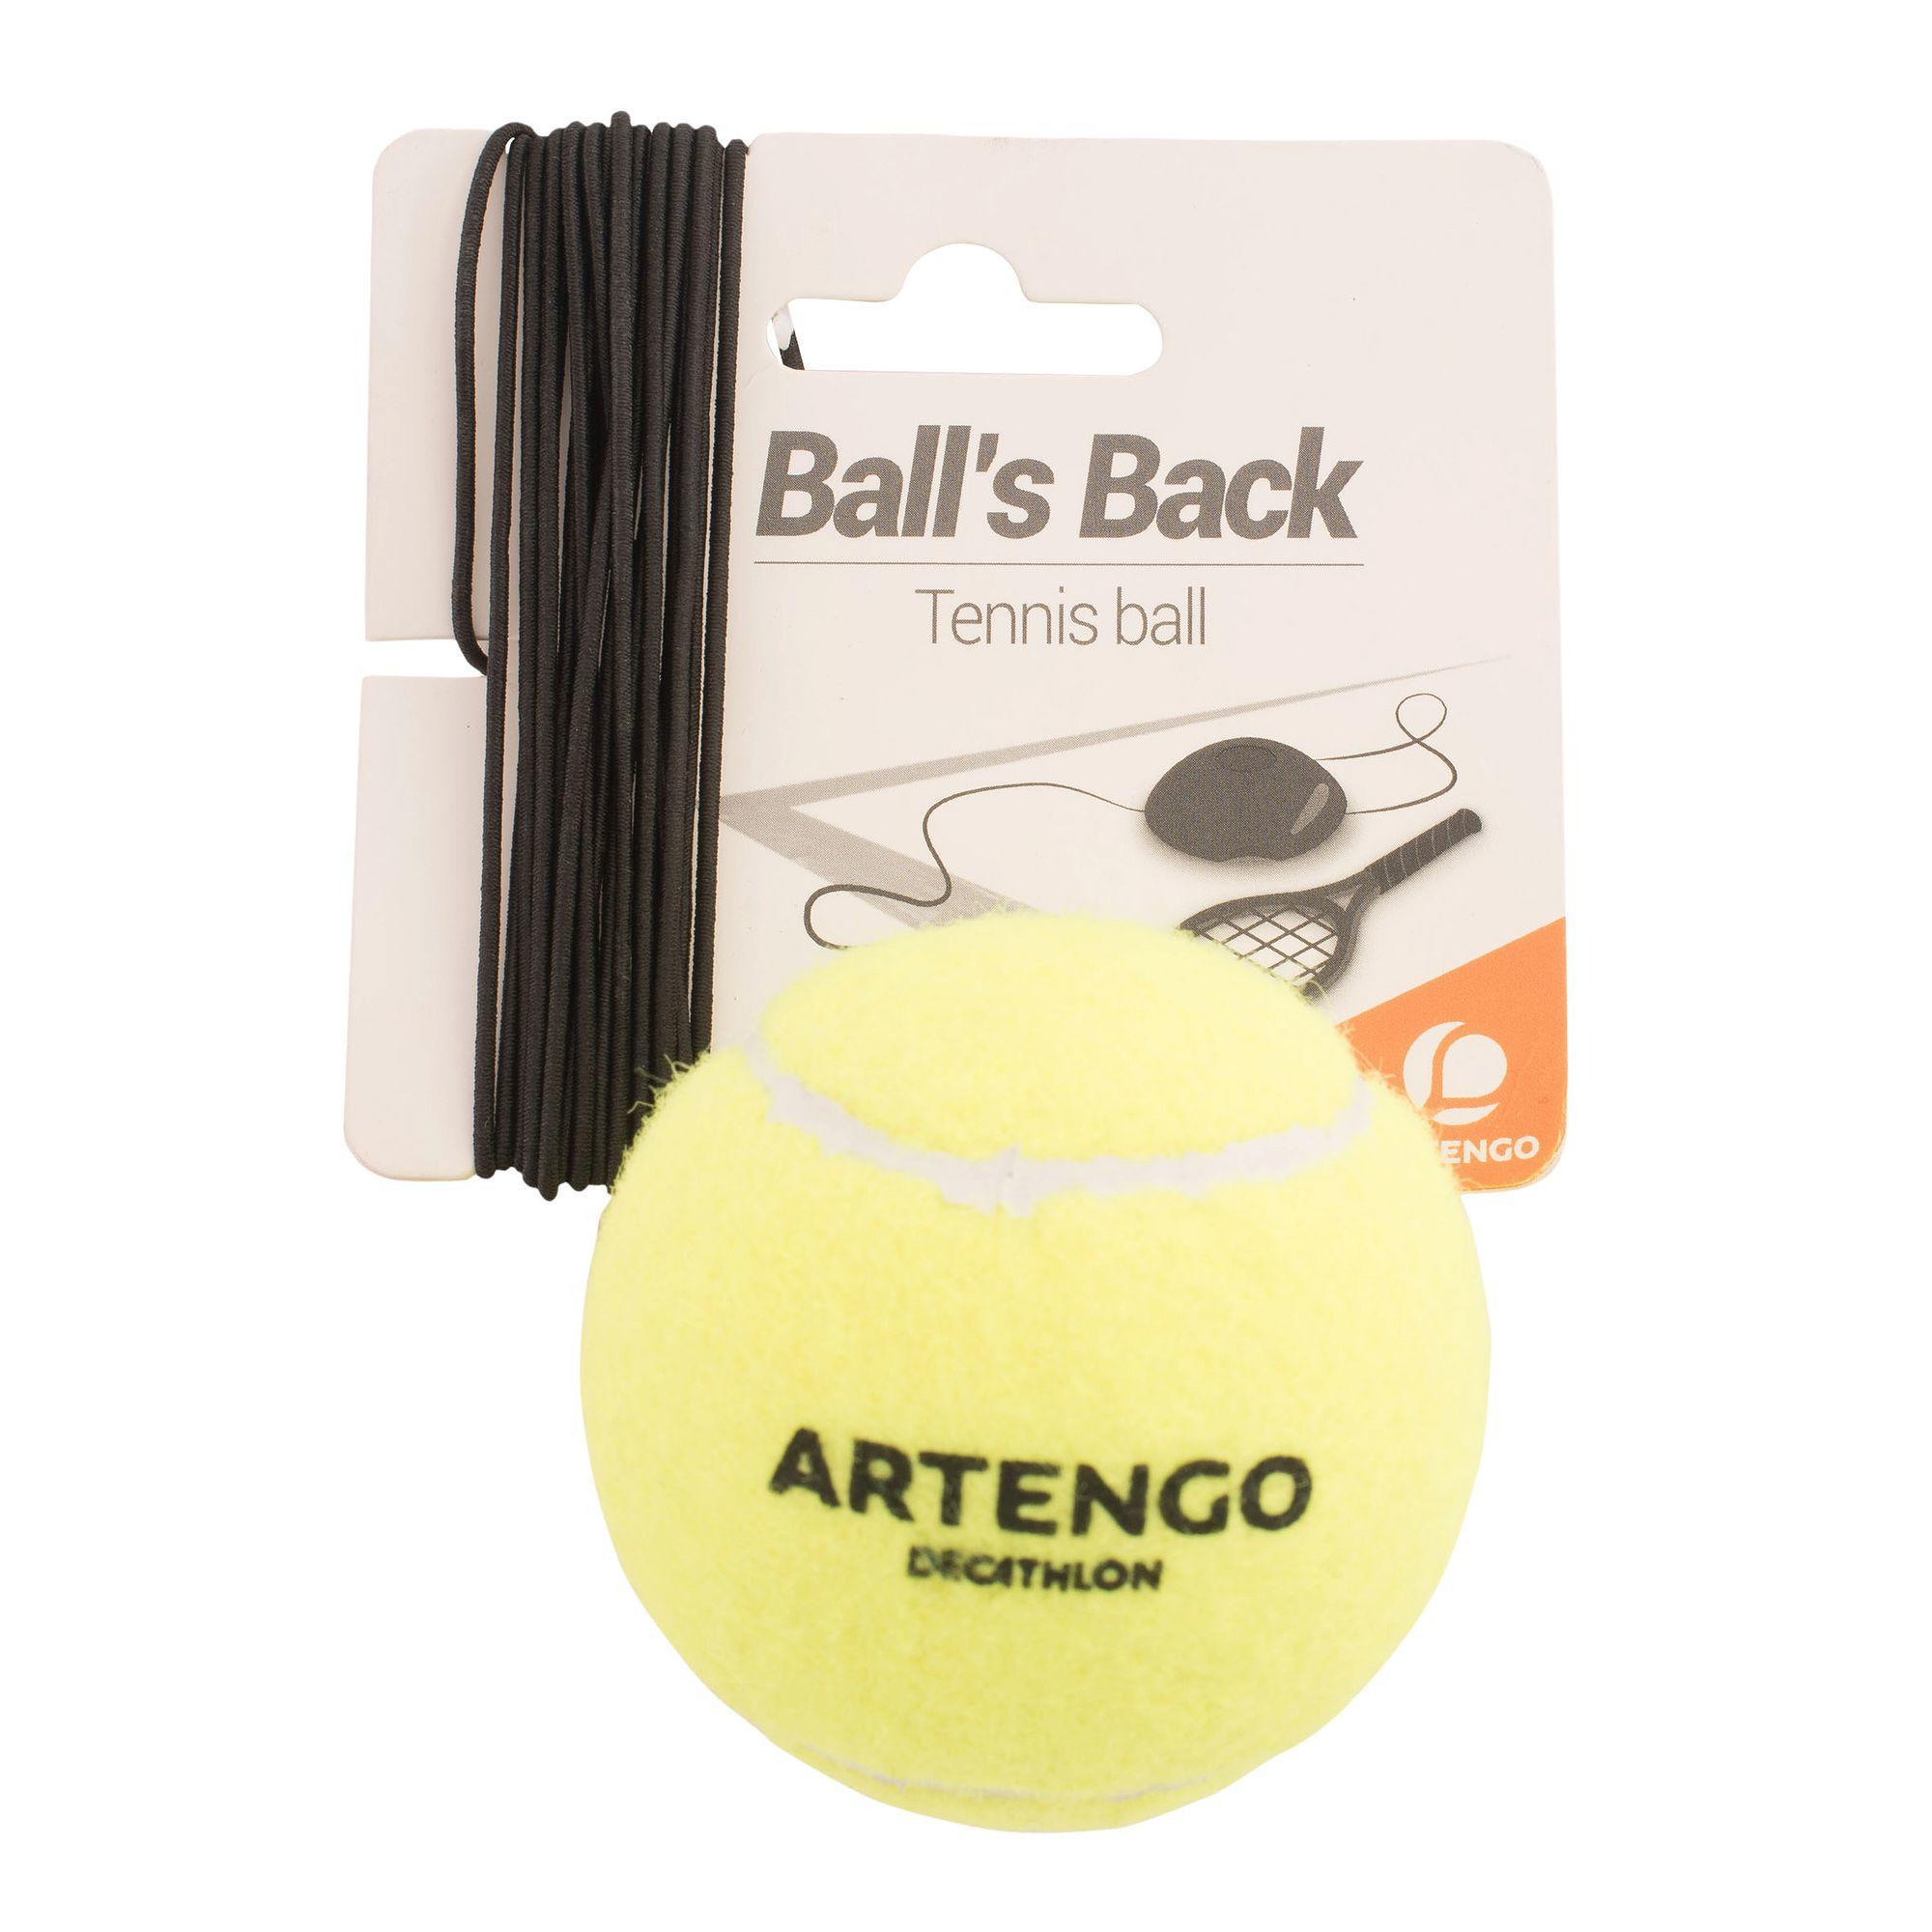 Artengo Tennisbal en elastiek voor tennistrainer Ball is Back